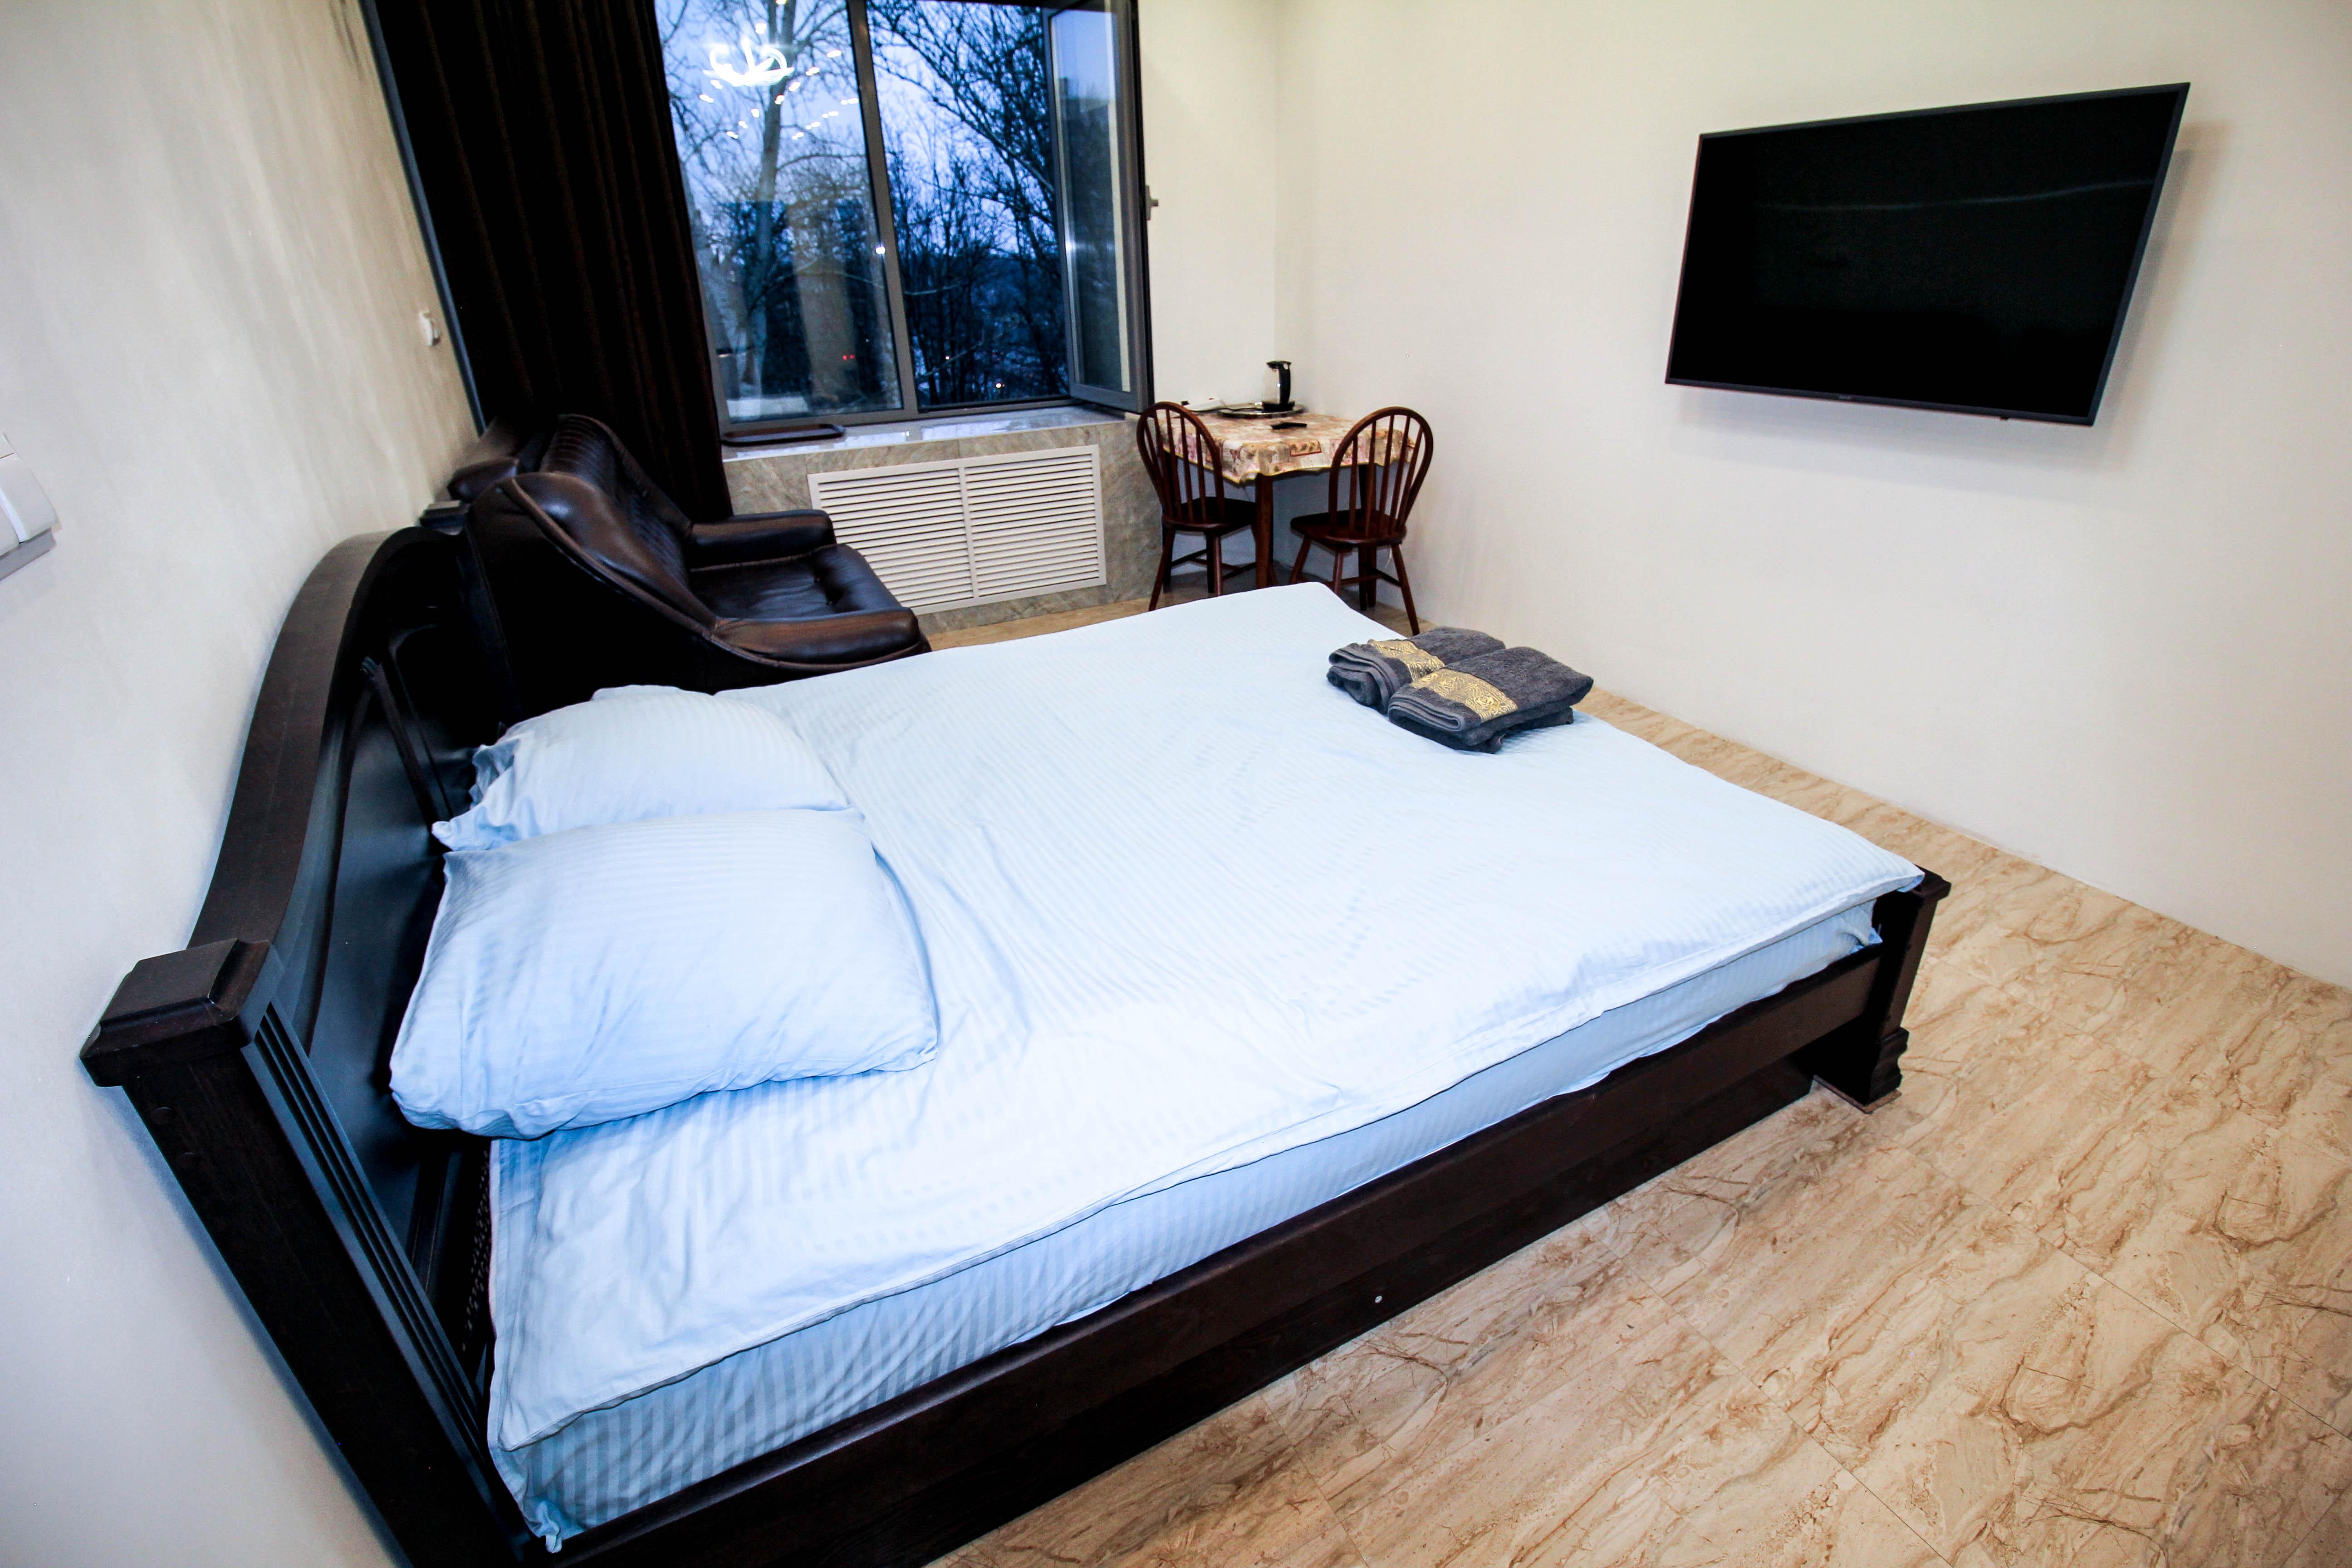 6108 Елагин апарт отель гостиница санкт-